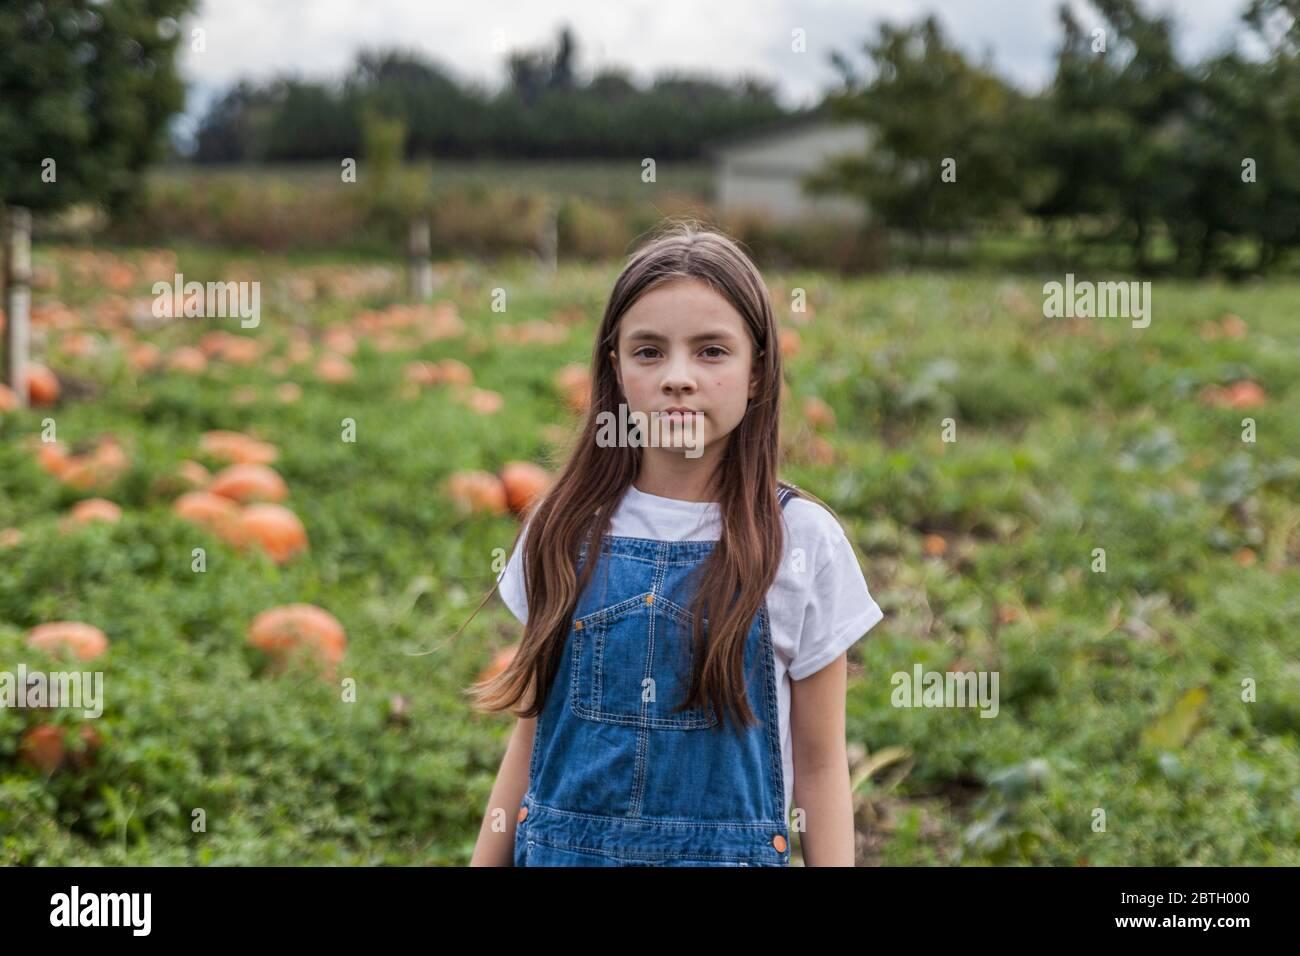 Cute ritratto della bambina in un tegolo di zucca con sfondo sfocato. Foto Stock